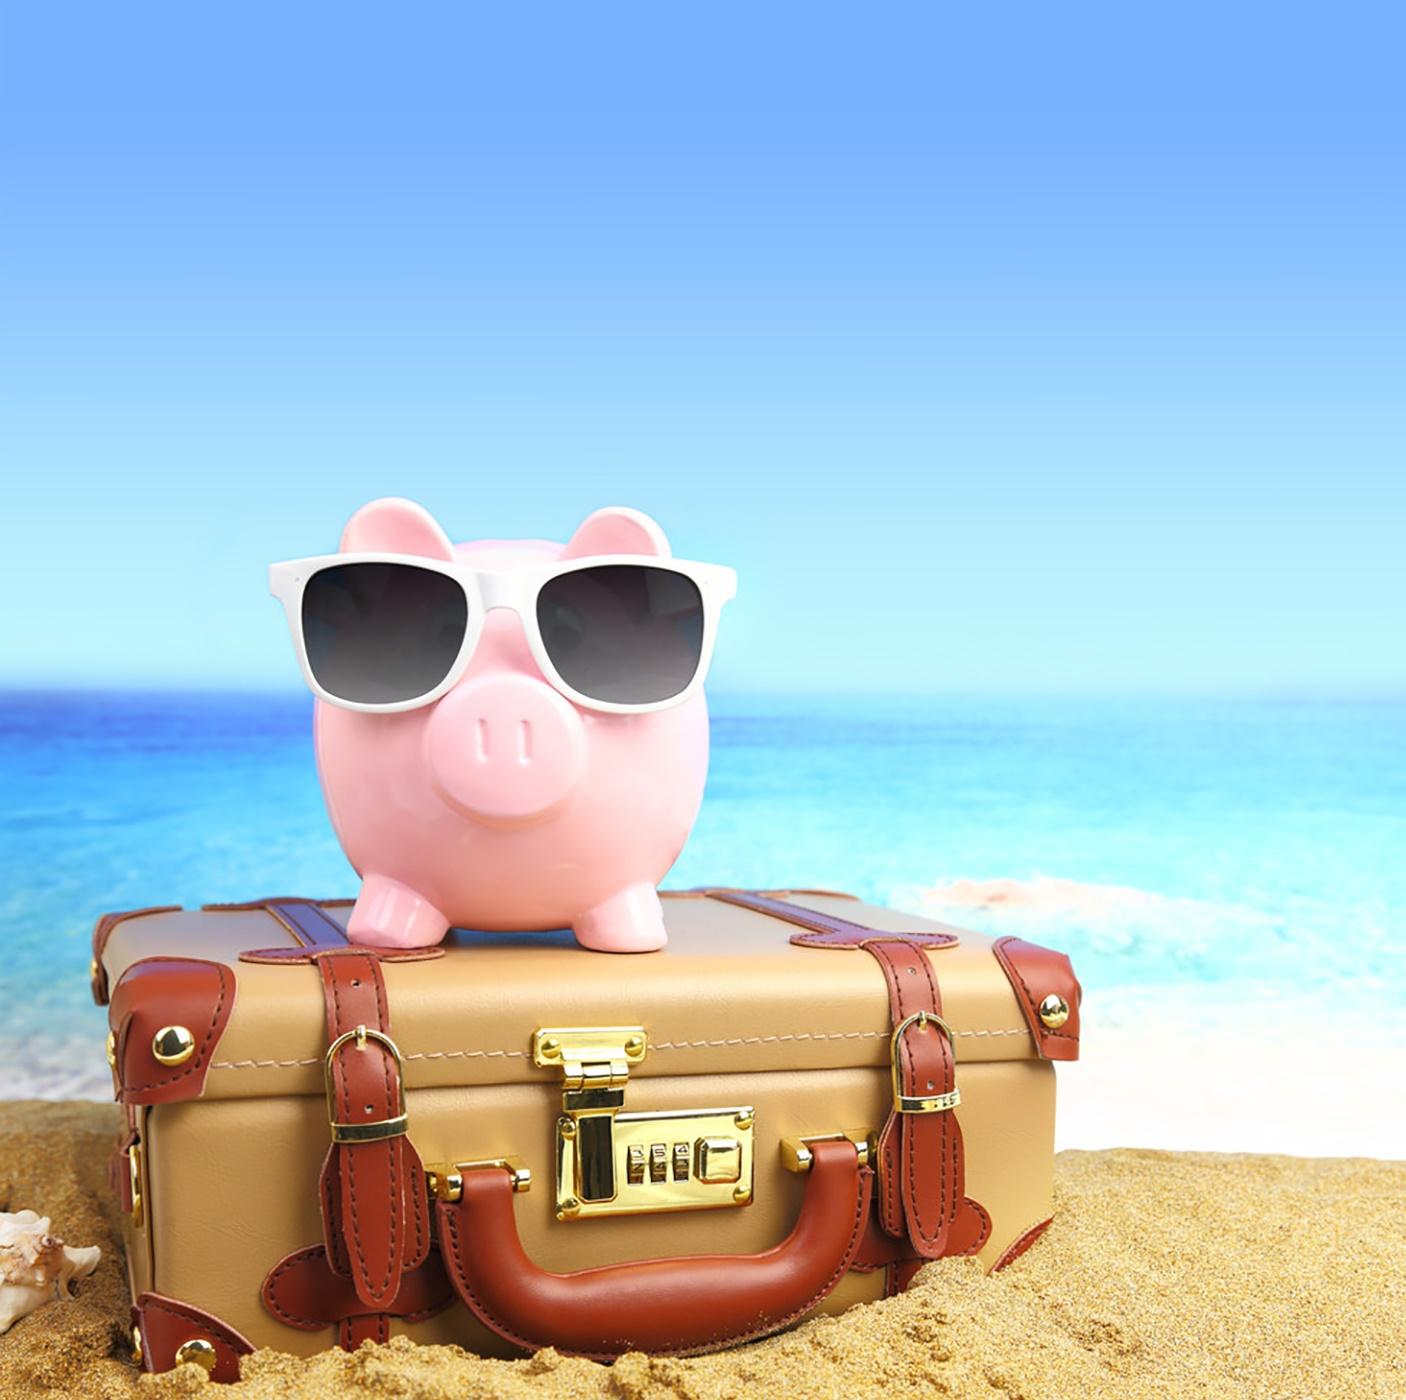 Bạn cần chuẩn bị những khoản tiền nhất định và cất ở nhiều vị trí khác nhau khi đi du lịch xa